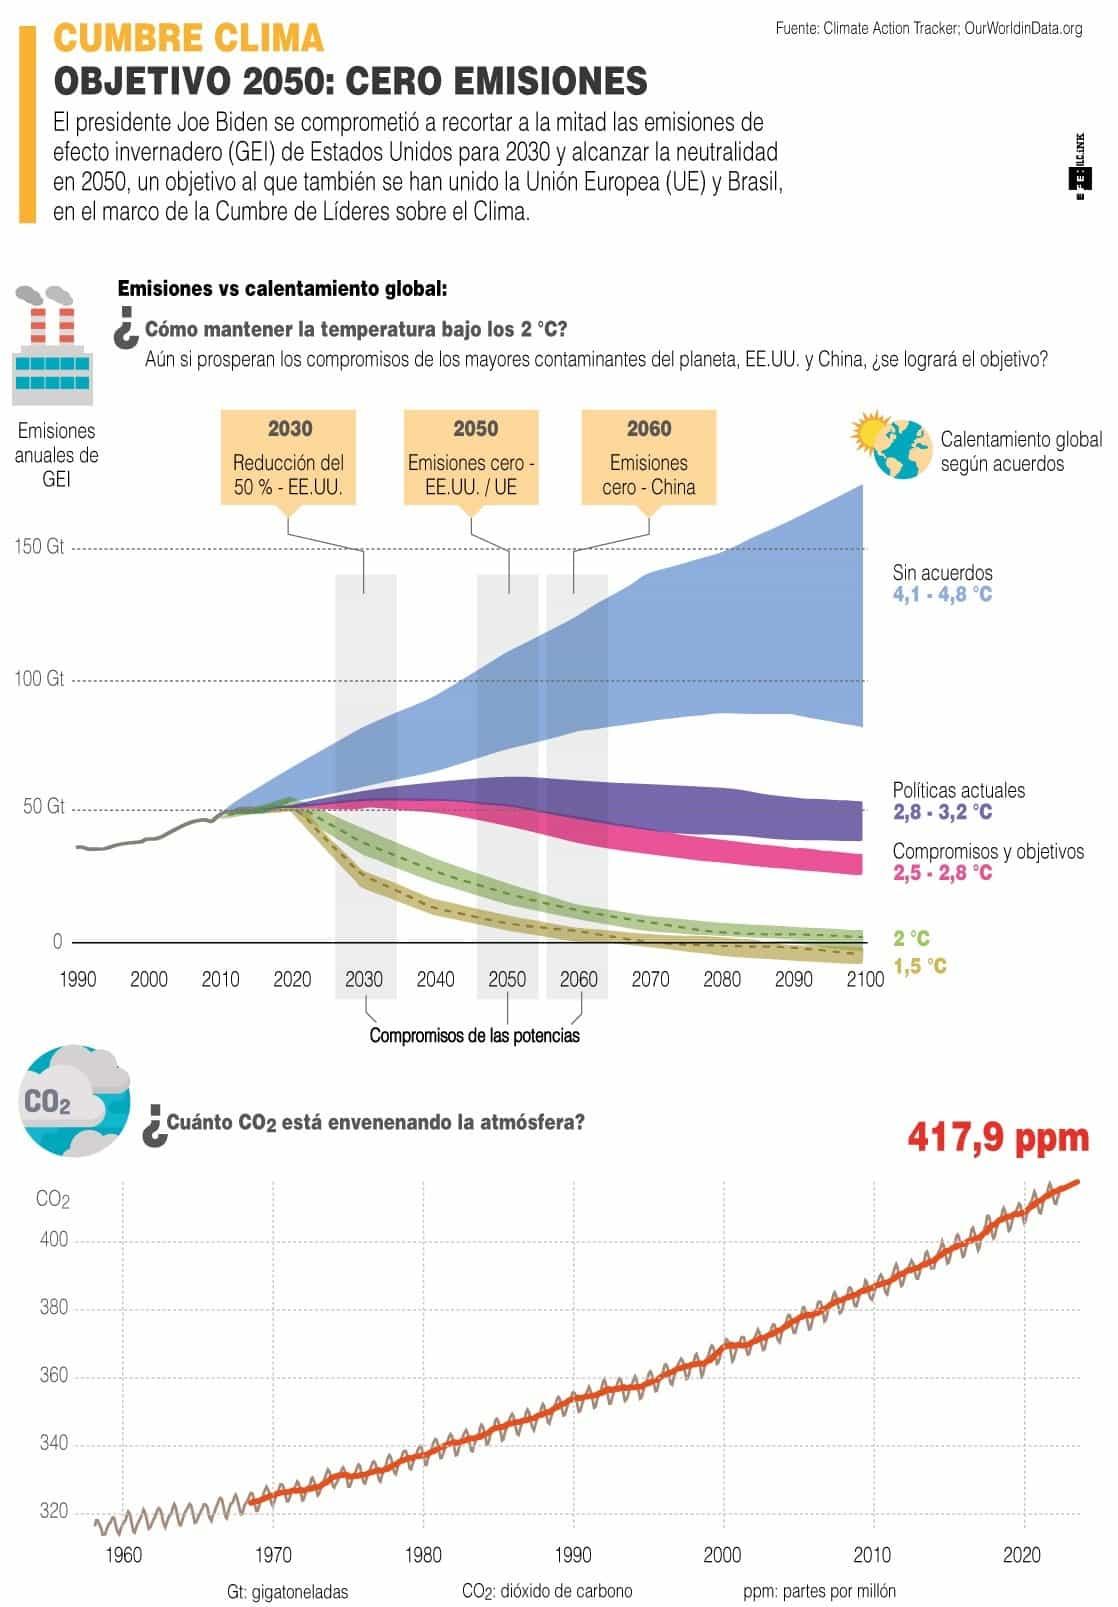 [Infografía] - Objetivo 2050 Cero emisiones 1